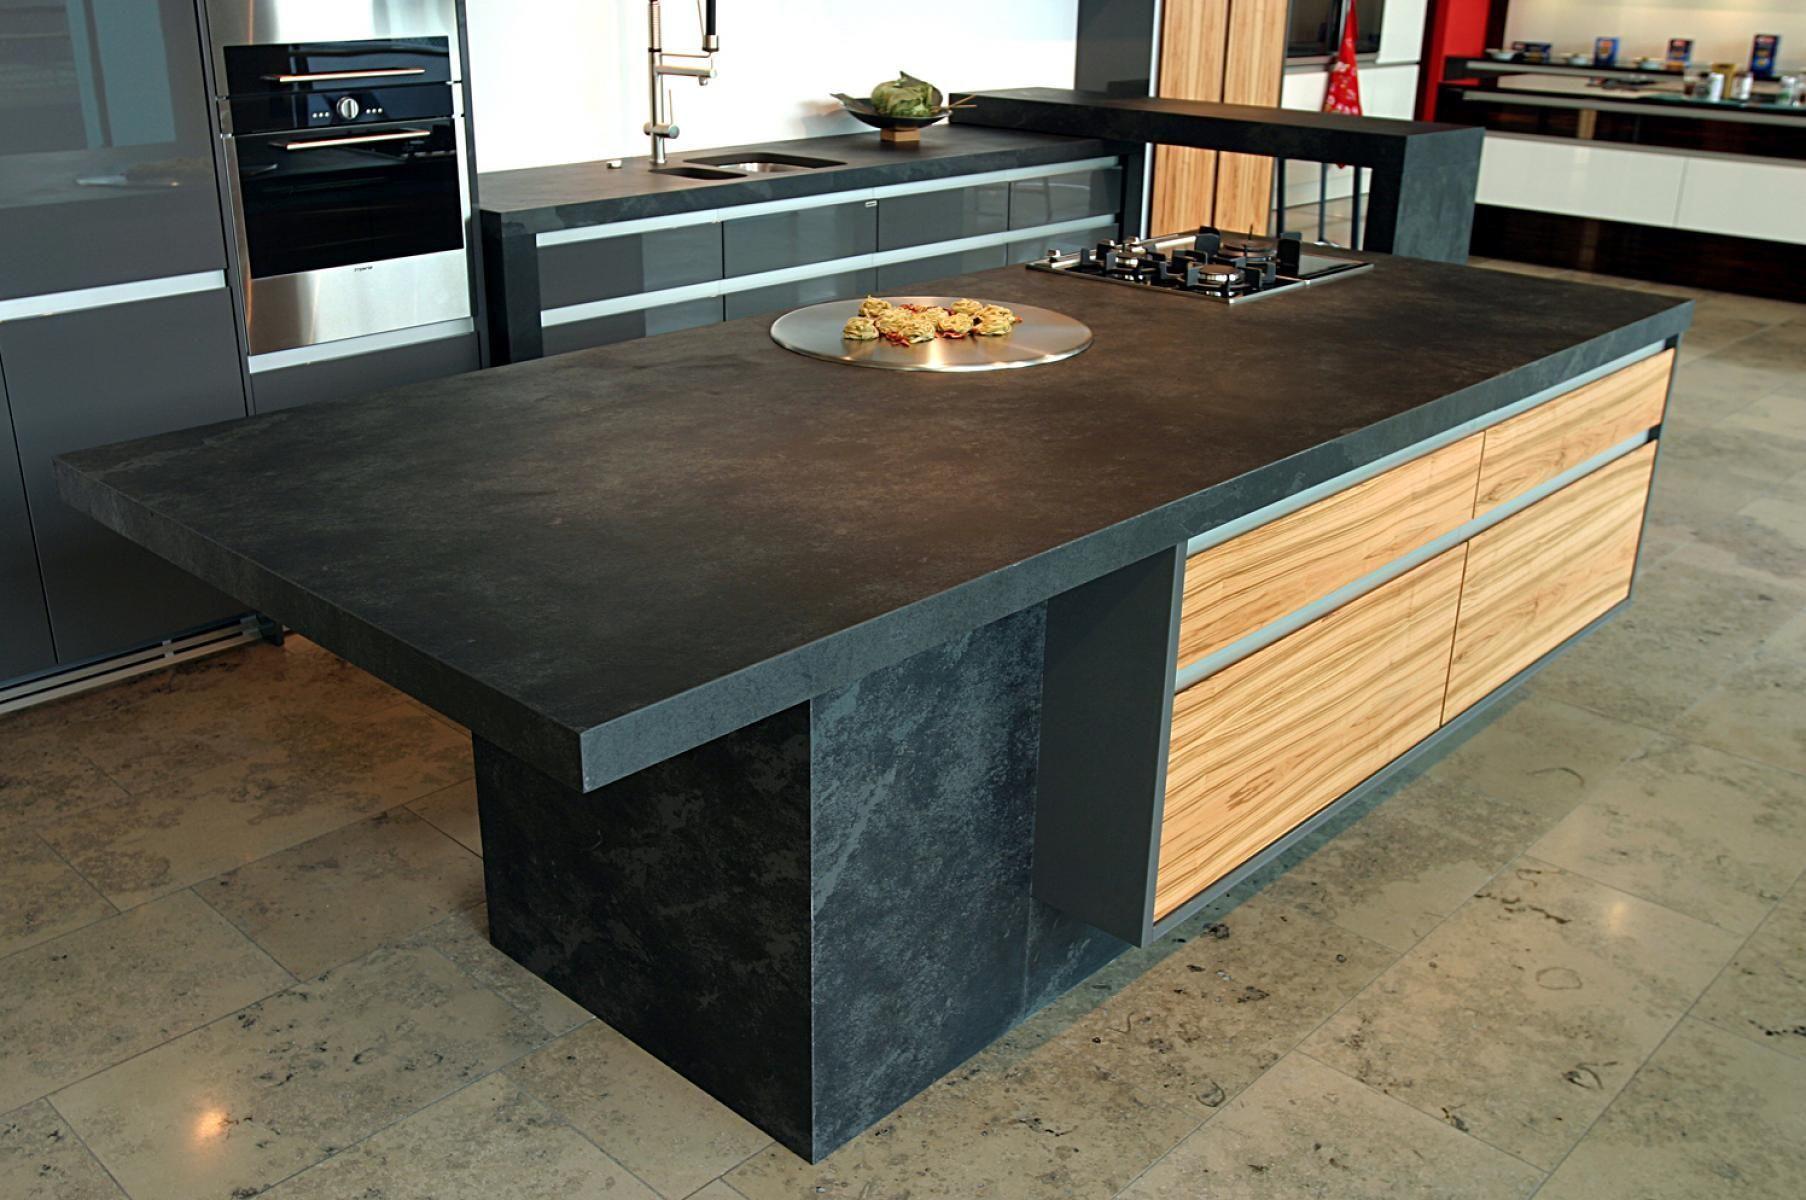 Schwarze Kuche Design Modern Kuchen Design Kuchen Design Ideen Arbeitsplatte